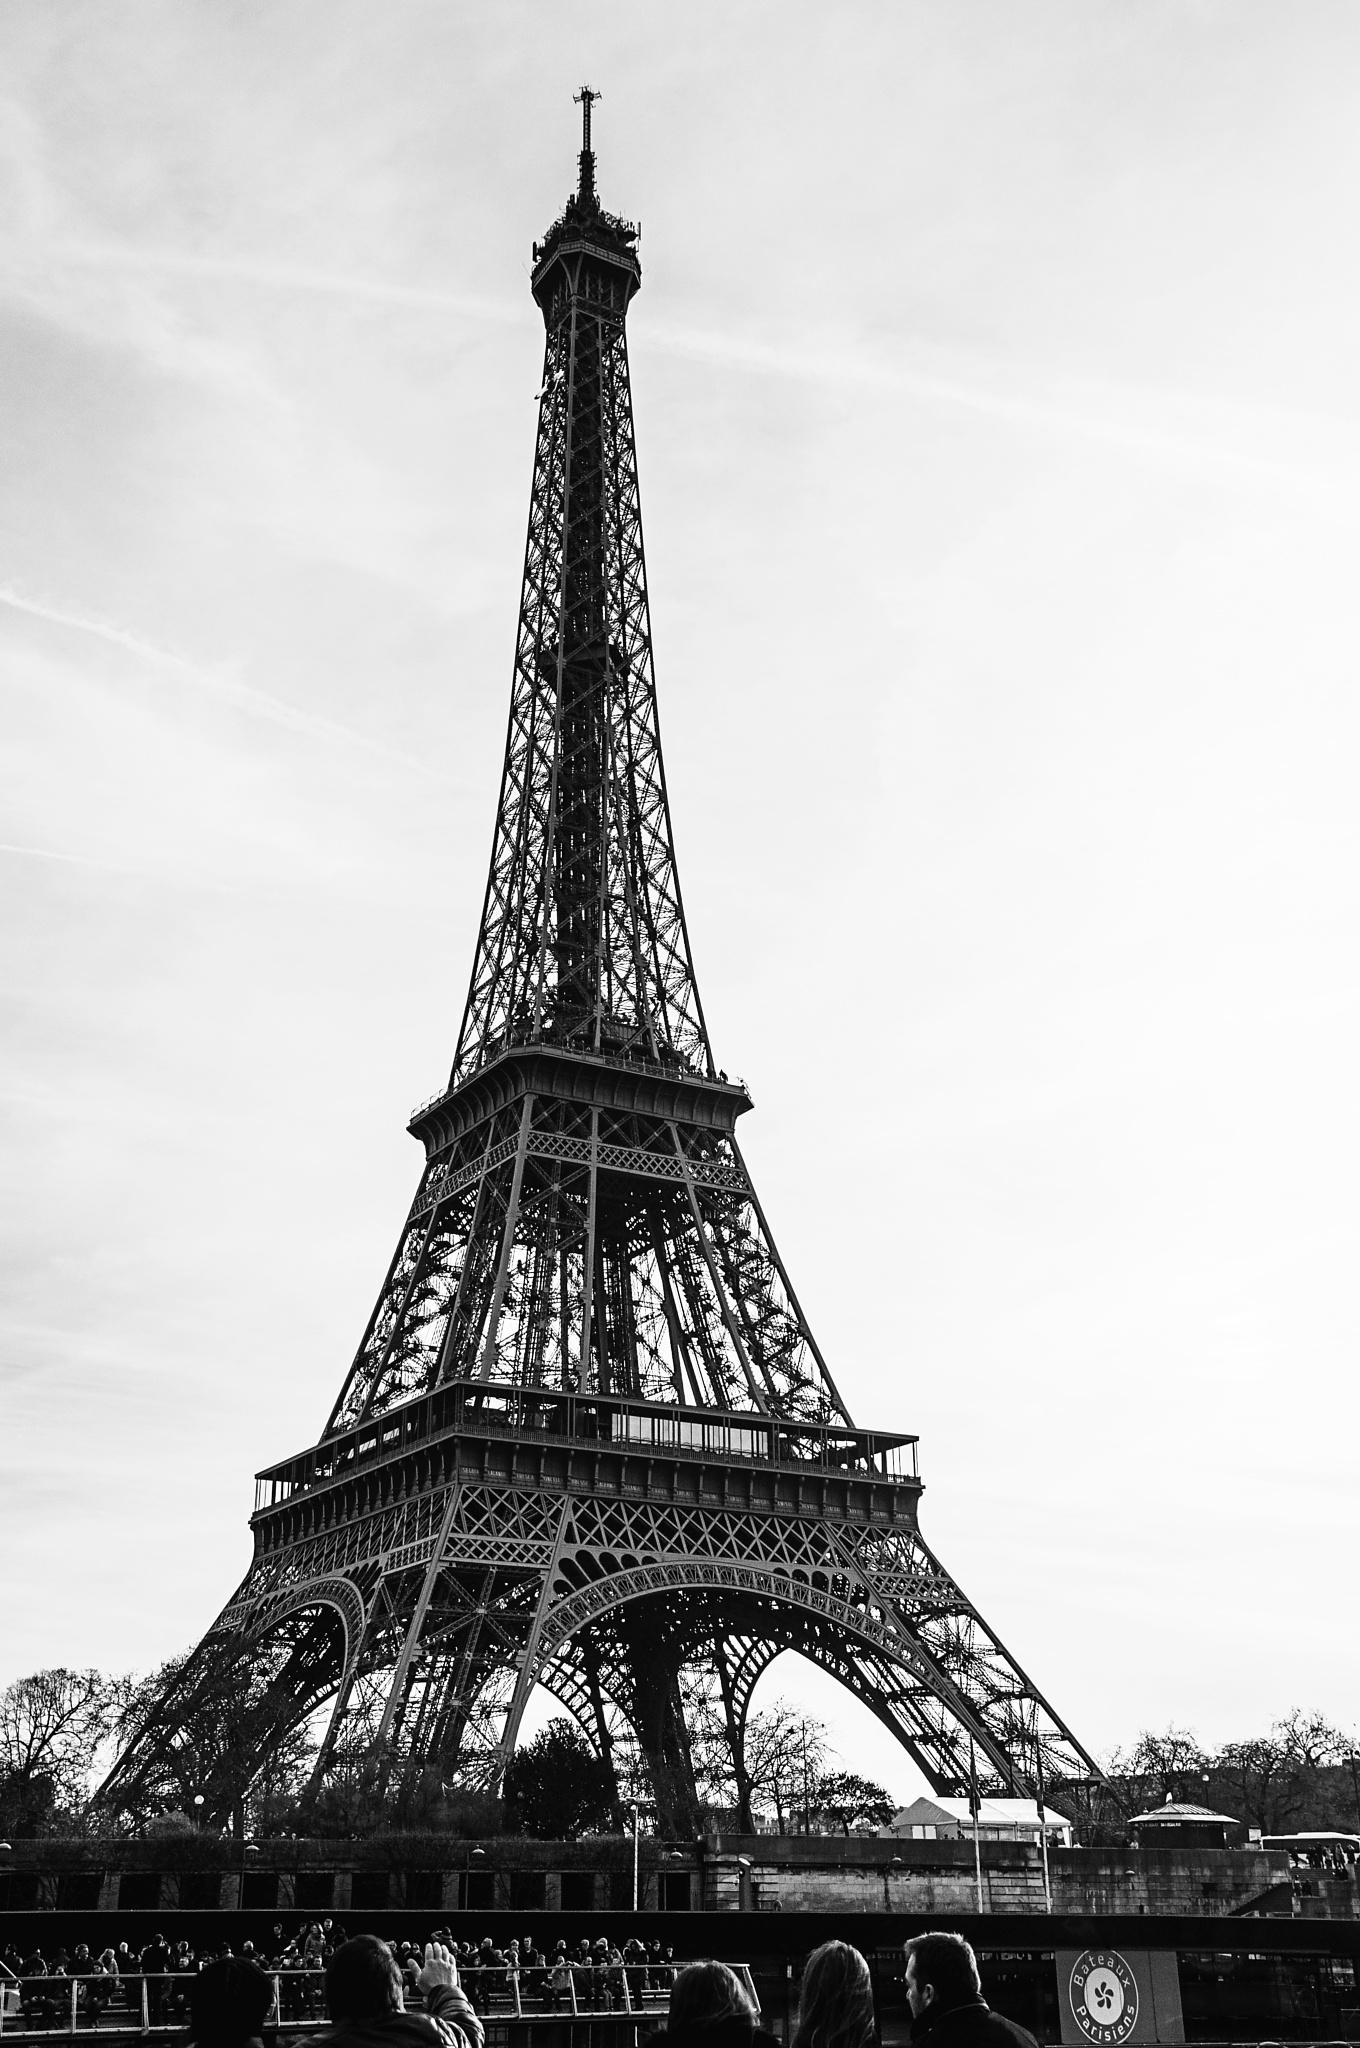 Tour de Eiffel by Jacqueline Rose